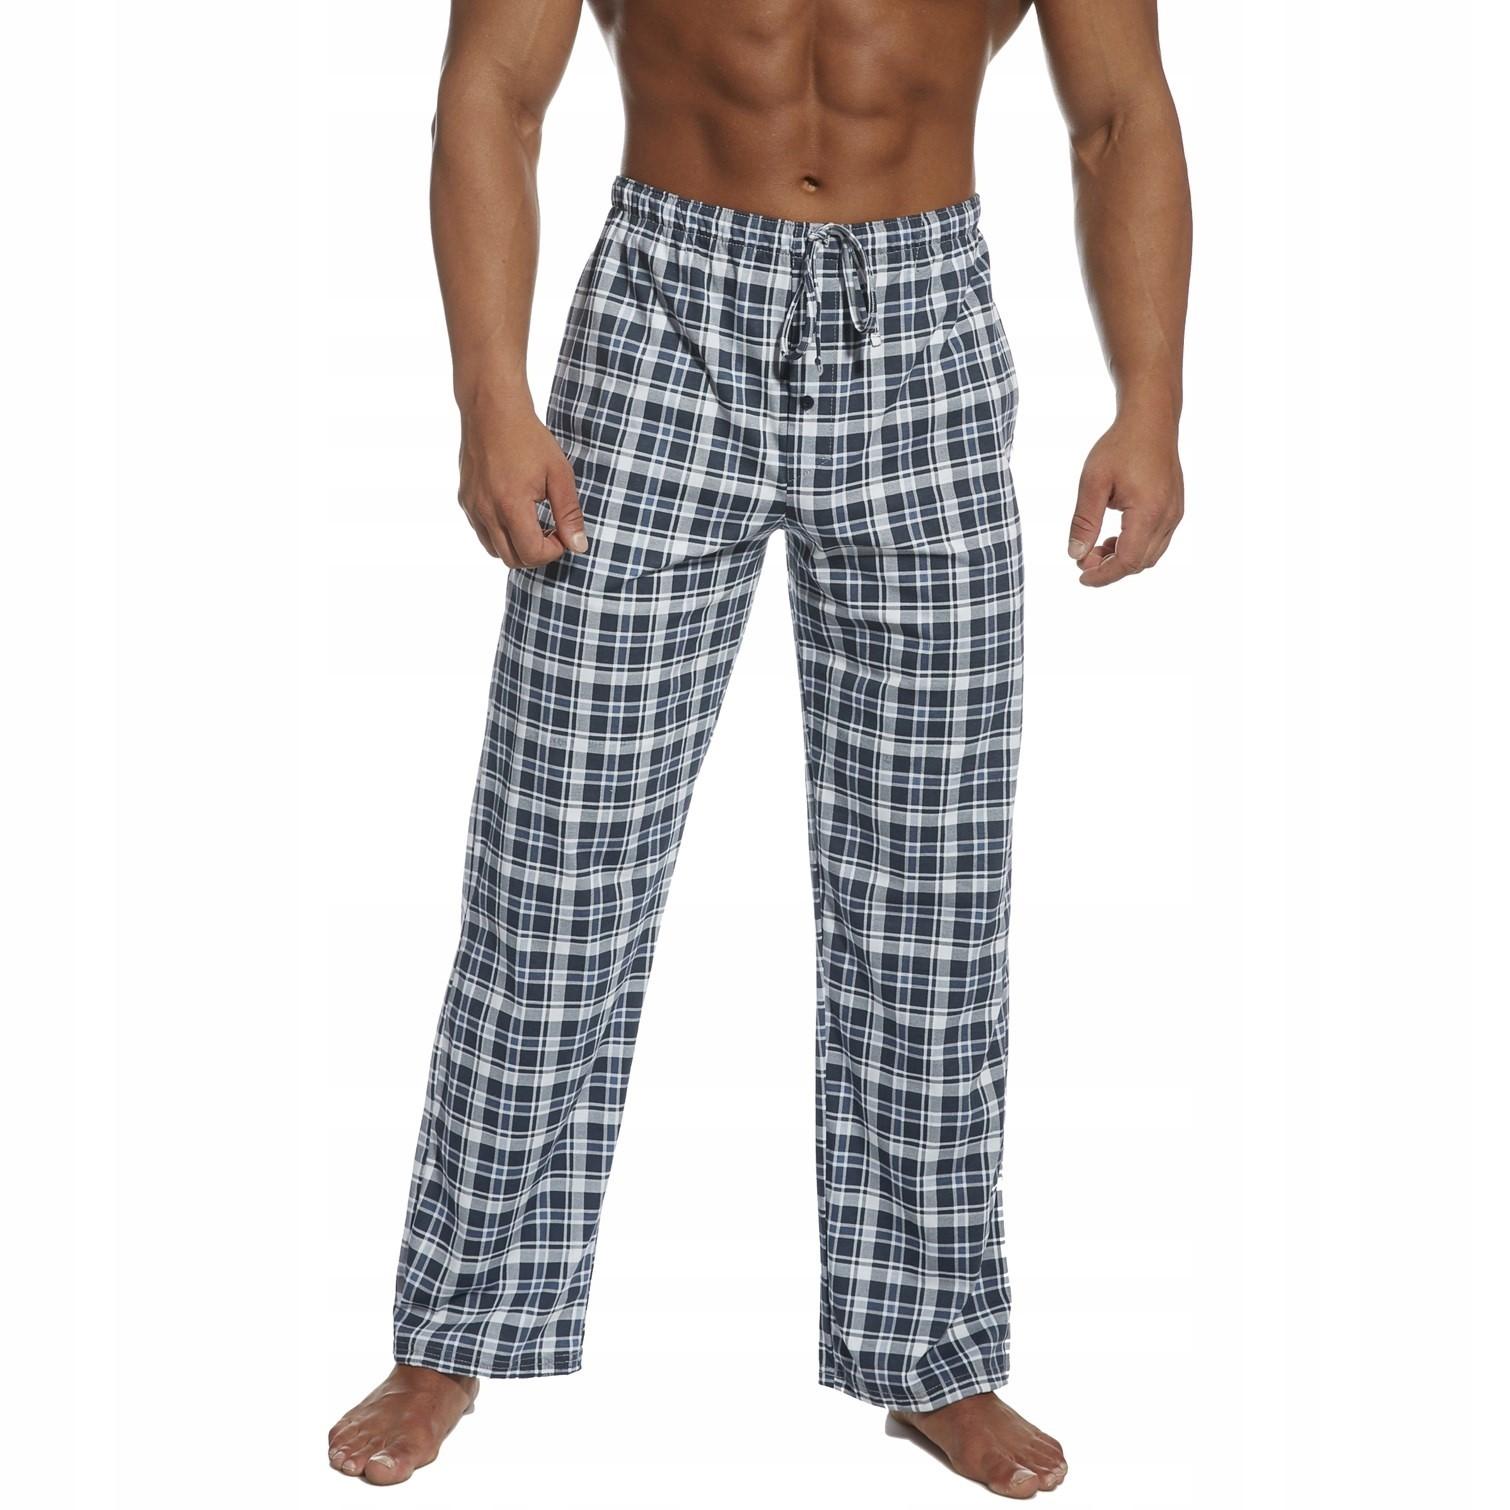 CORNETTE spodnie męskie od piżamy 691/ mix 305 S